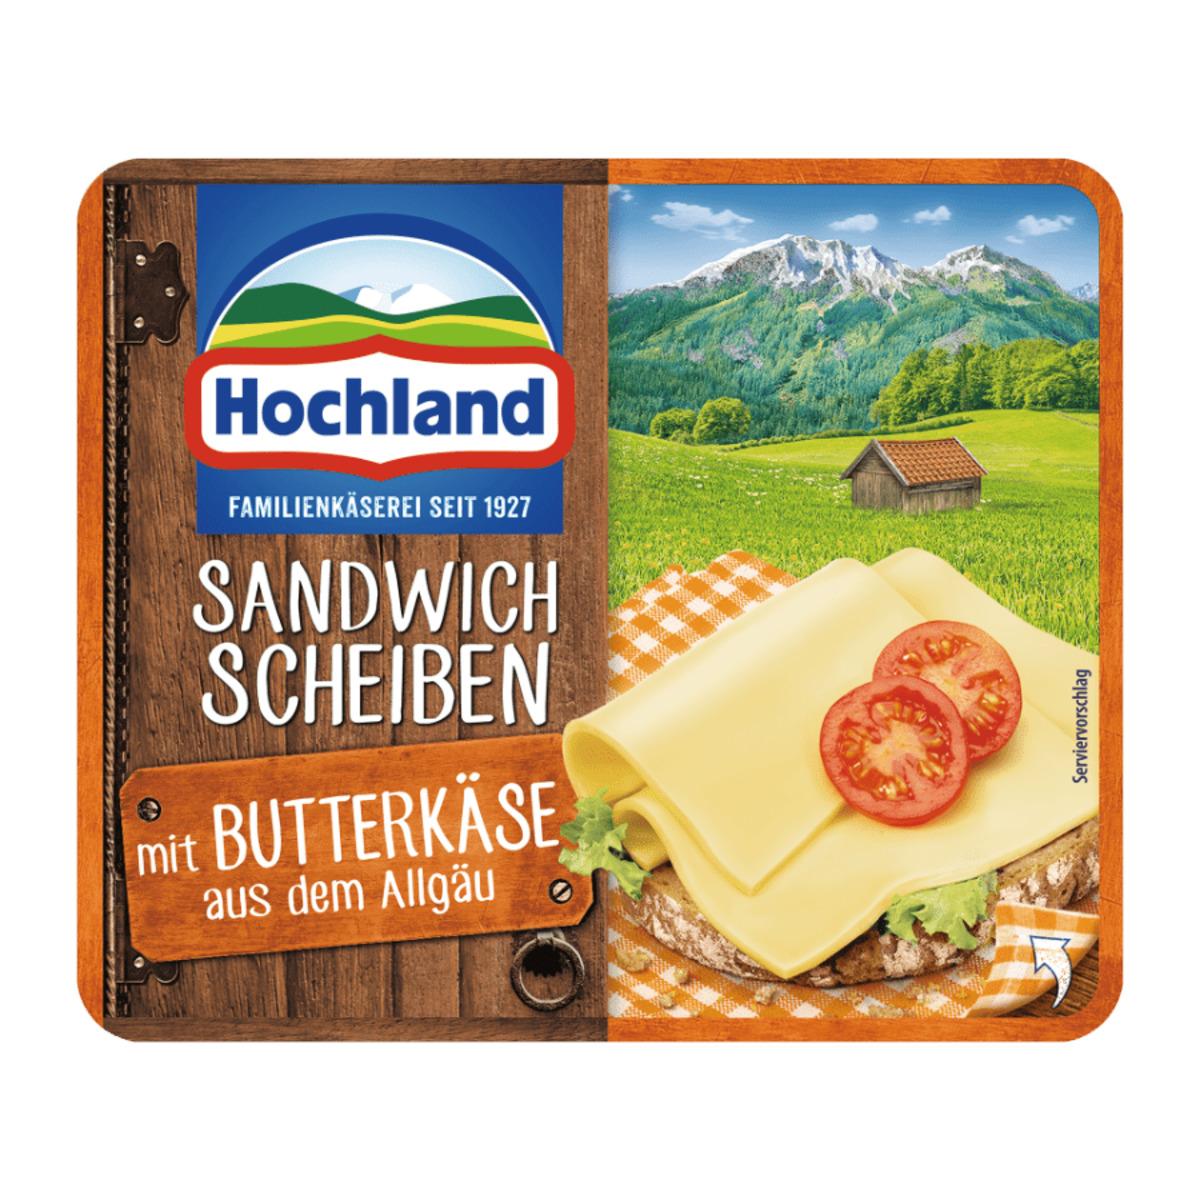 Bild 4 von Hochland Sandwich Scheiben